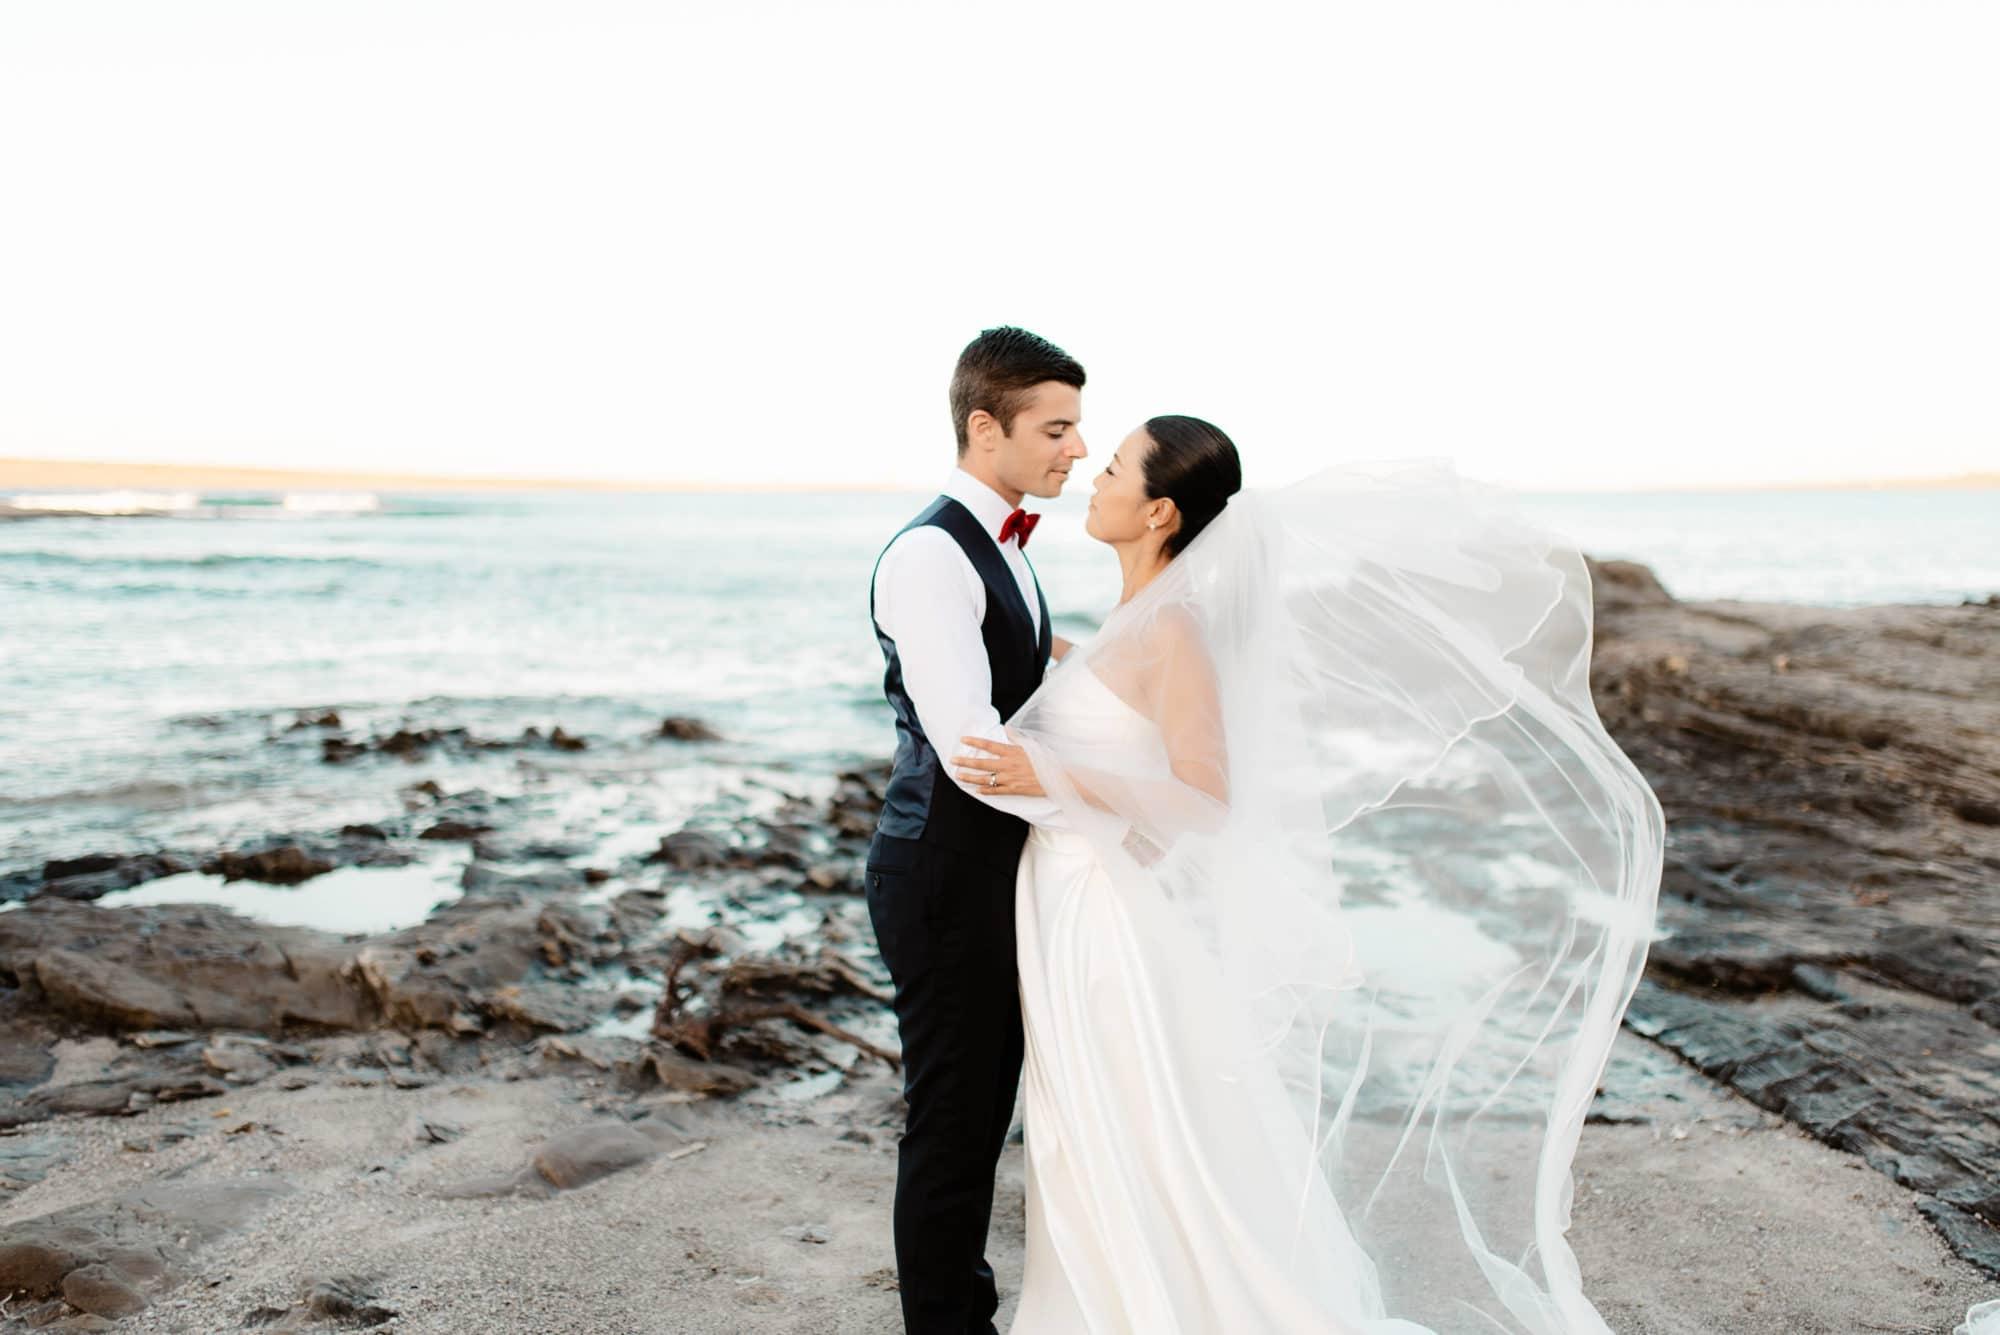 Wedding Stintino with Japanese bride